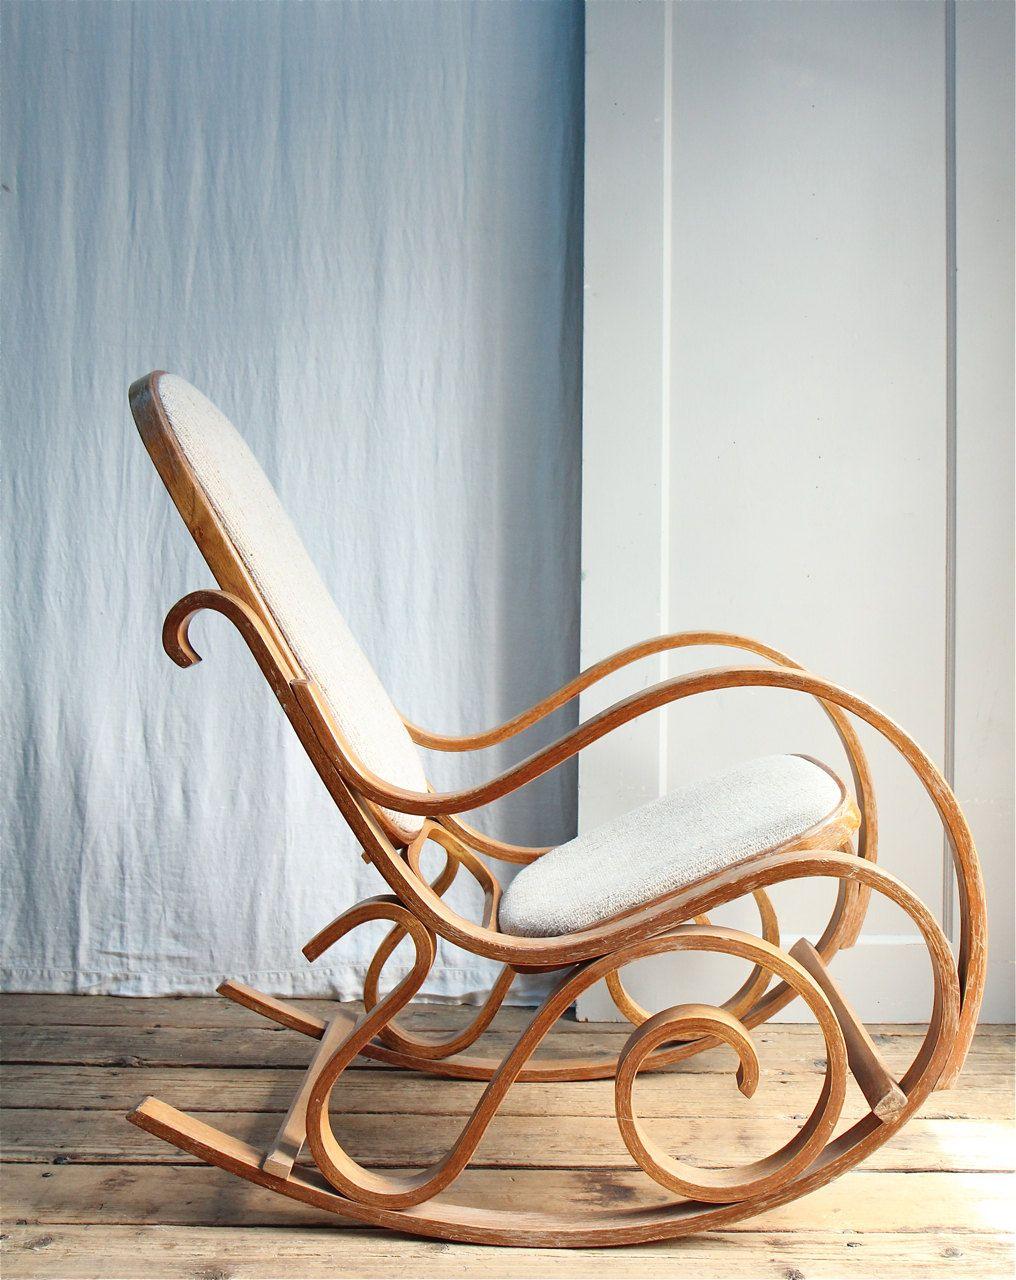 Кресло своими руками: советы мастеров и дизайнеров (66 фото)